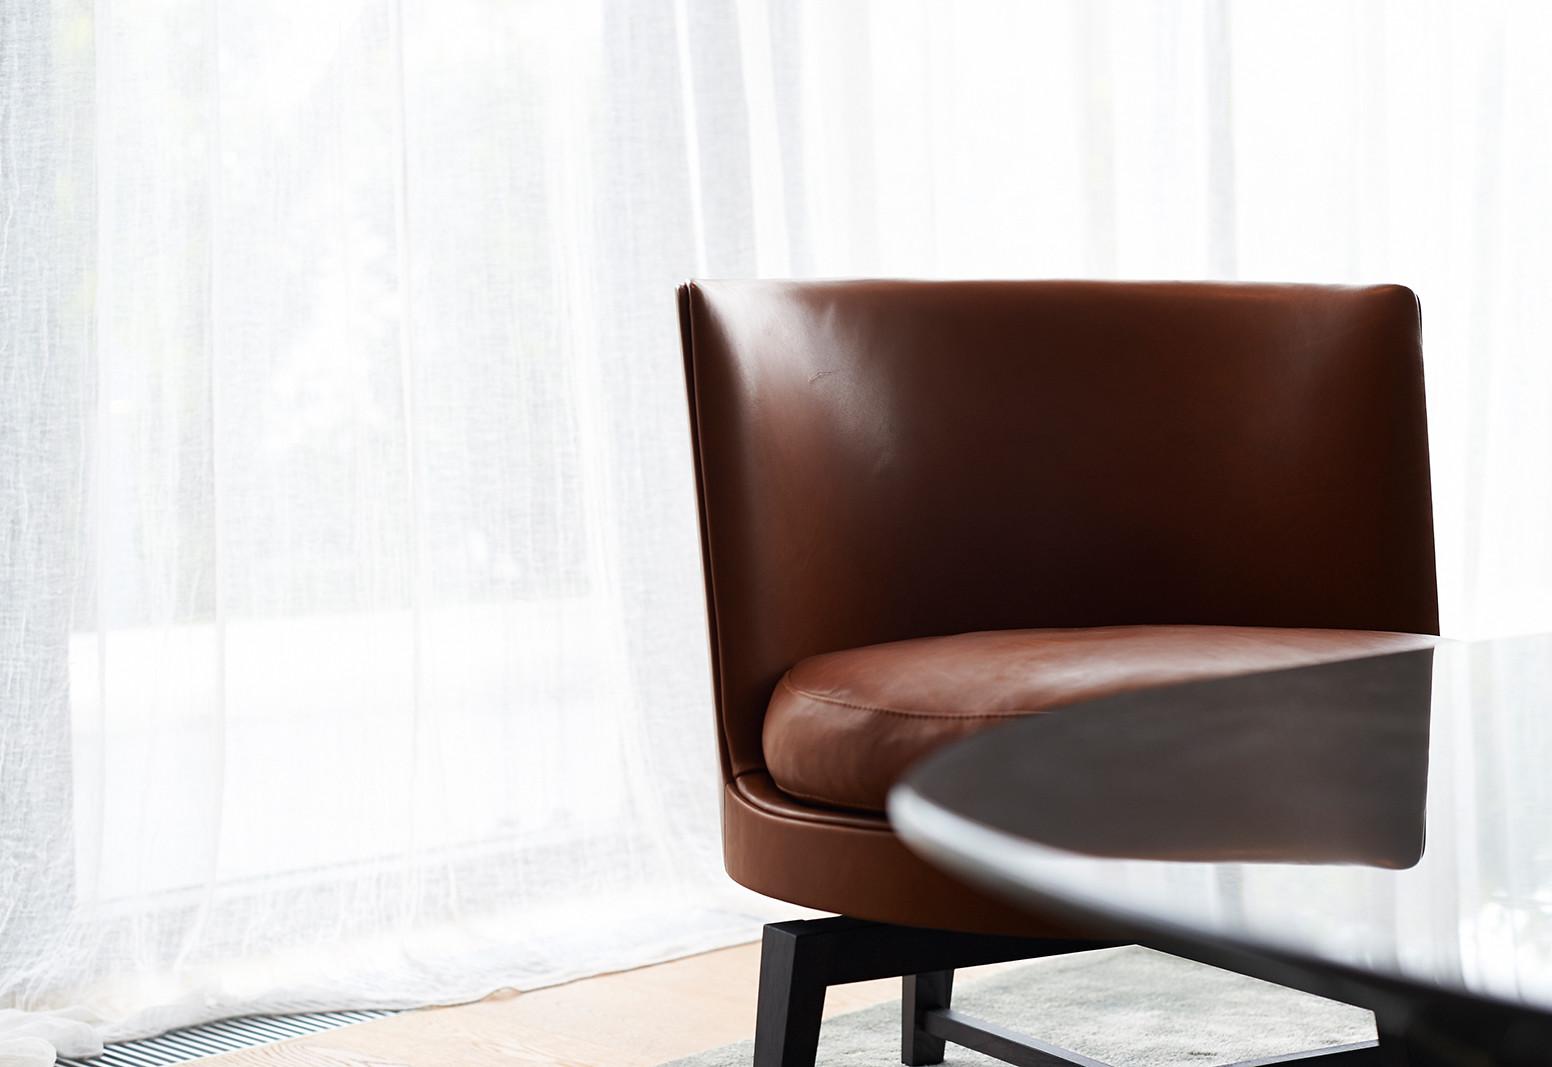 Stefanie Raum Wohnzimmer Sessel Raum Contemporary Interior